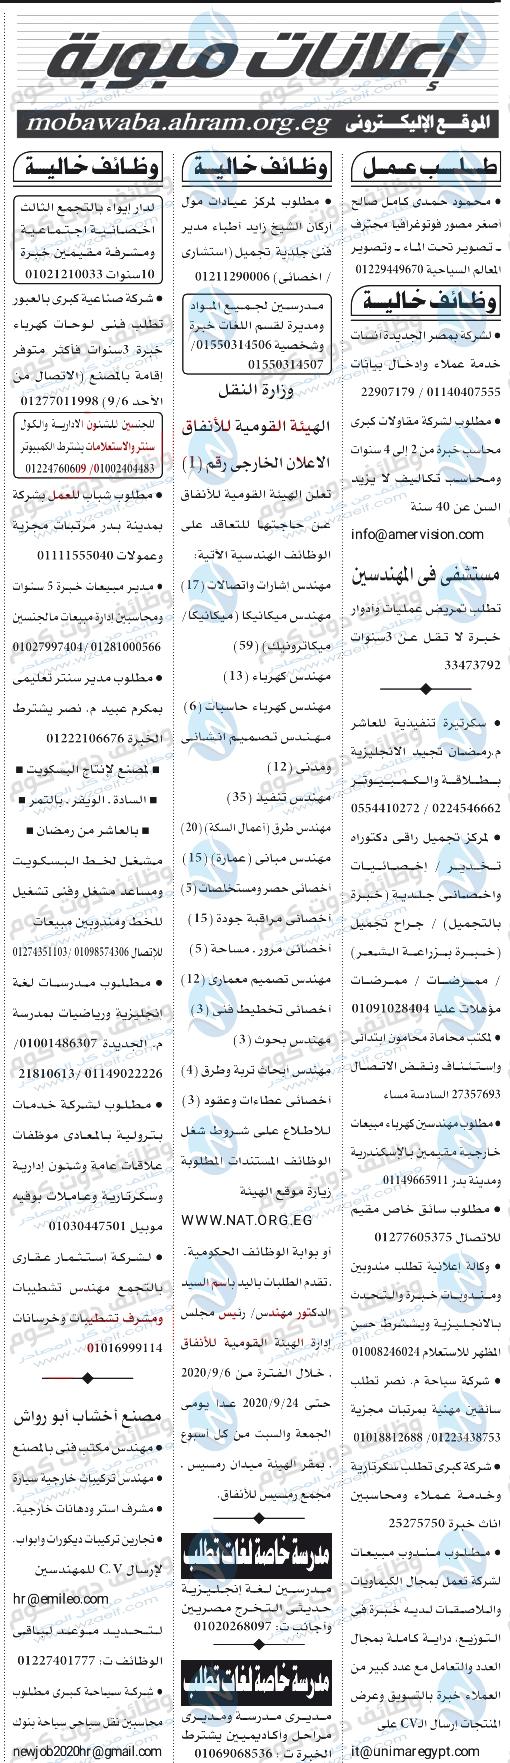 وظائف اهرام الجمعة 4-9-2020 وظائف دوت كوم wzaeif